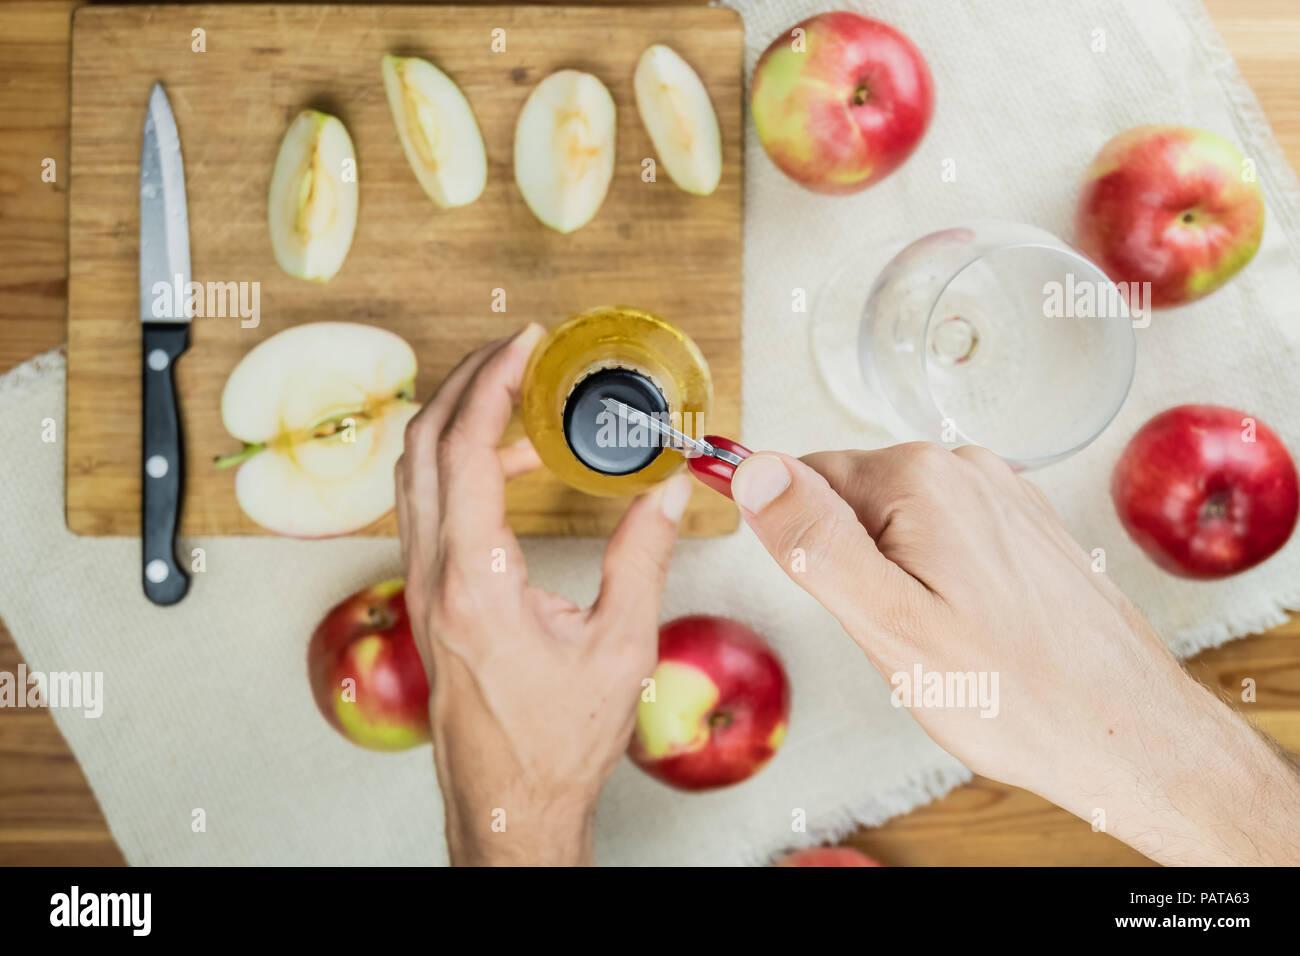 Apertura del flacone di apple cidre bere, vista dall'alto. Il punto di vista di lato con un apriscatole, la preparazione di una bevanda di sidro su tavola in legno rustico con maturi appl Immagini Stock